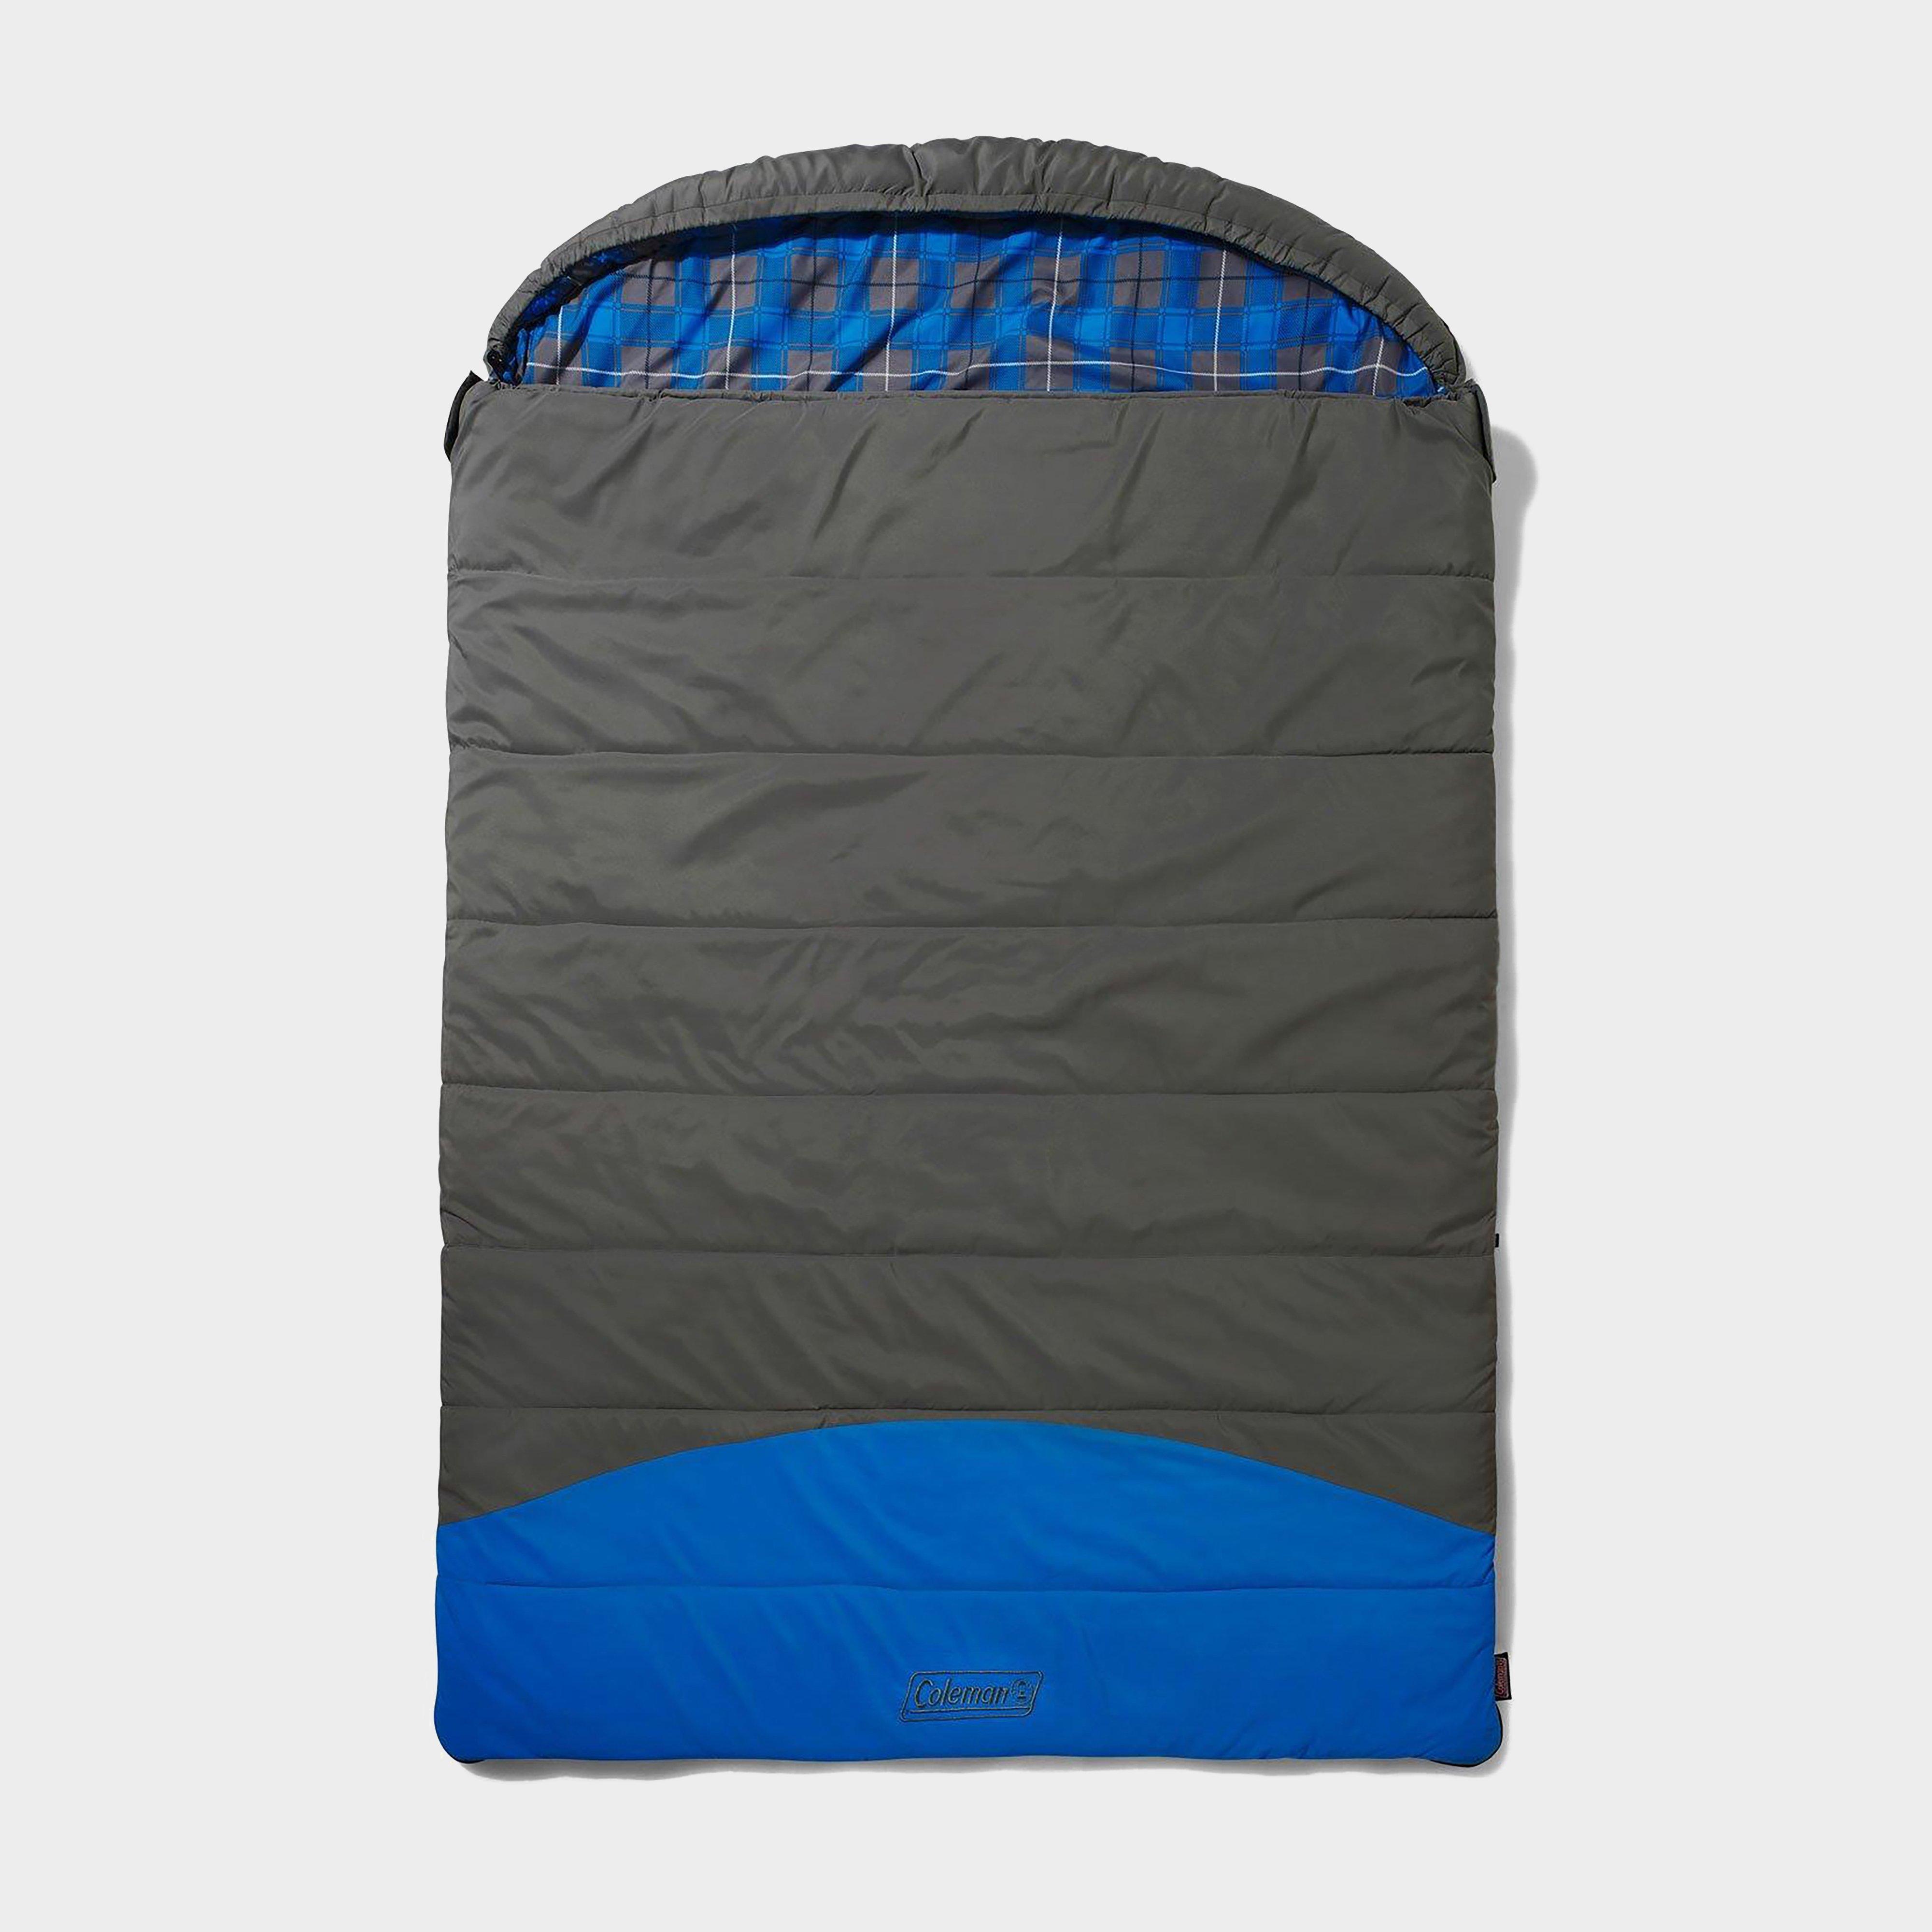 Coleman Coleman Basalt Double Sleeping Bag